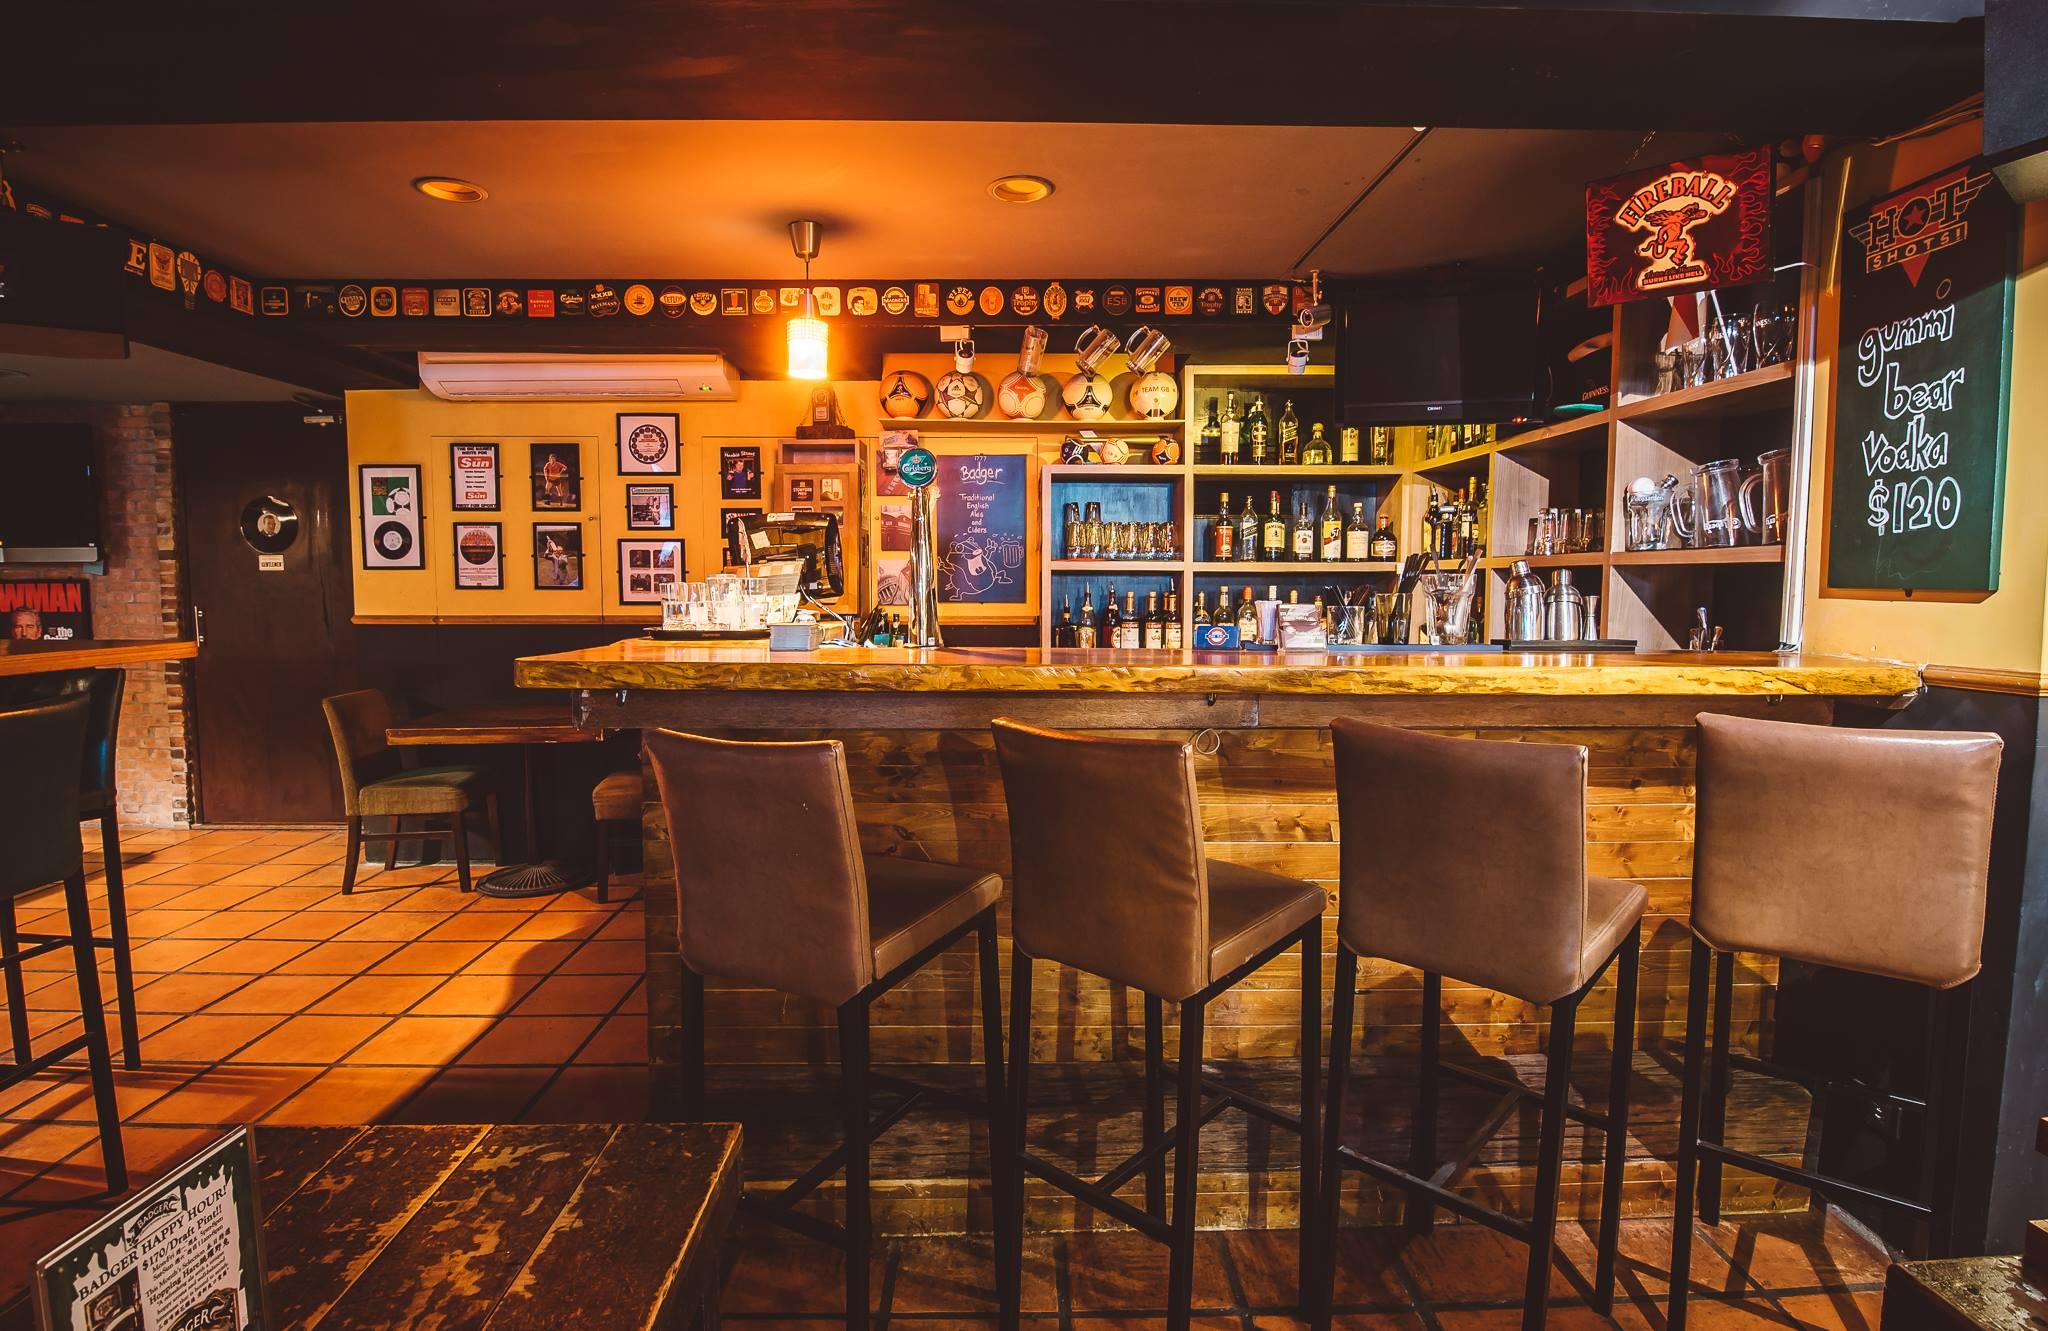 世足賽期間來這幾間世足酒吧一起熱血觀賽吧!|台北酒吧推薦